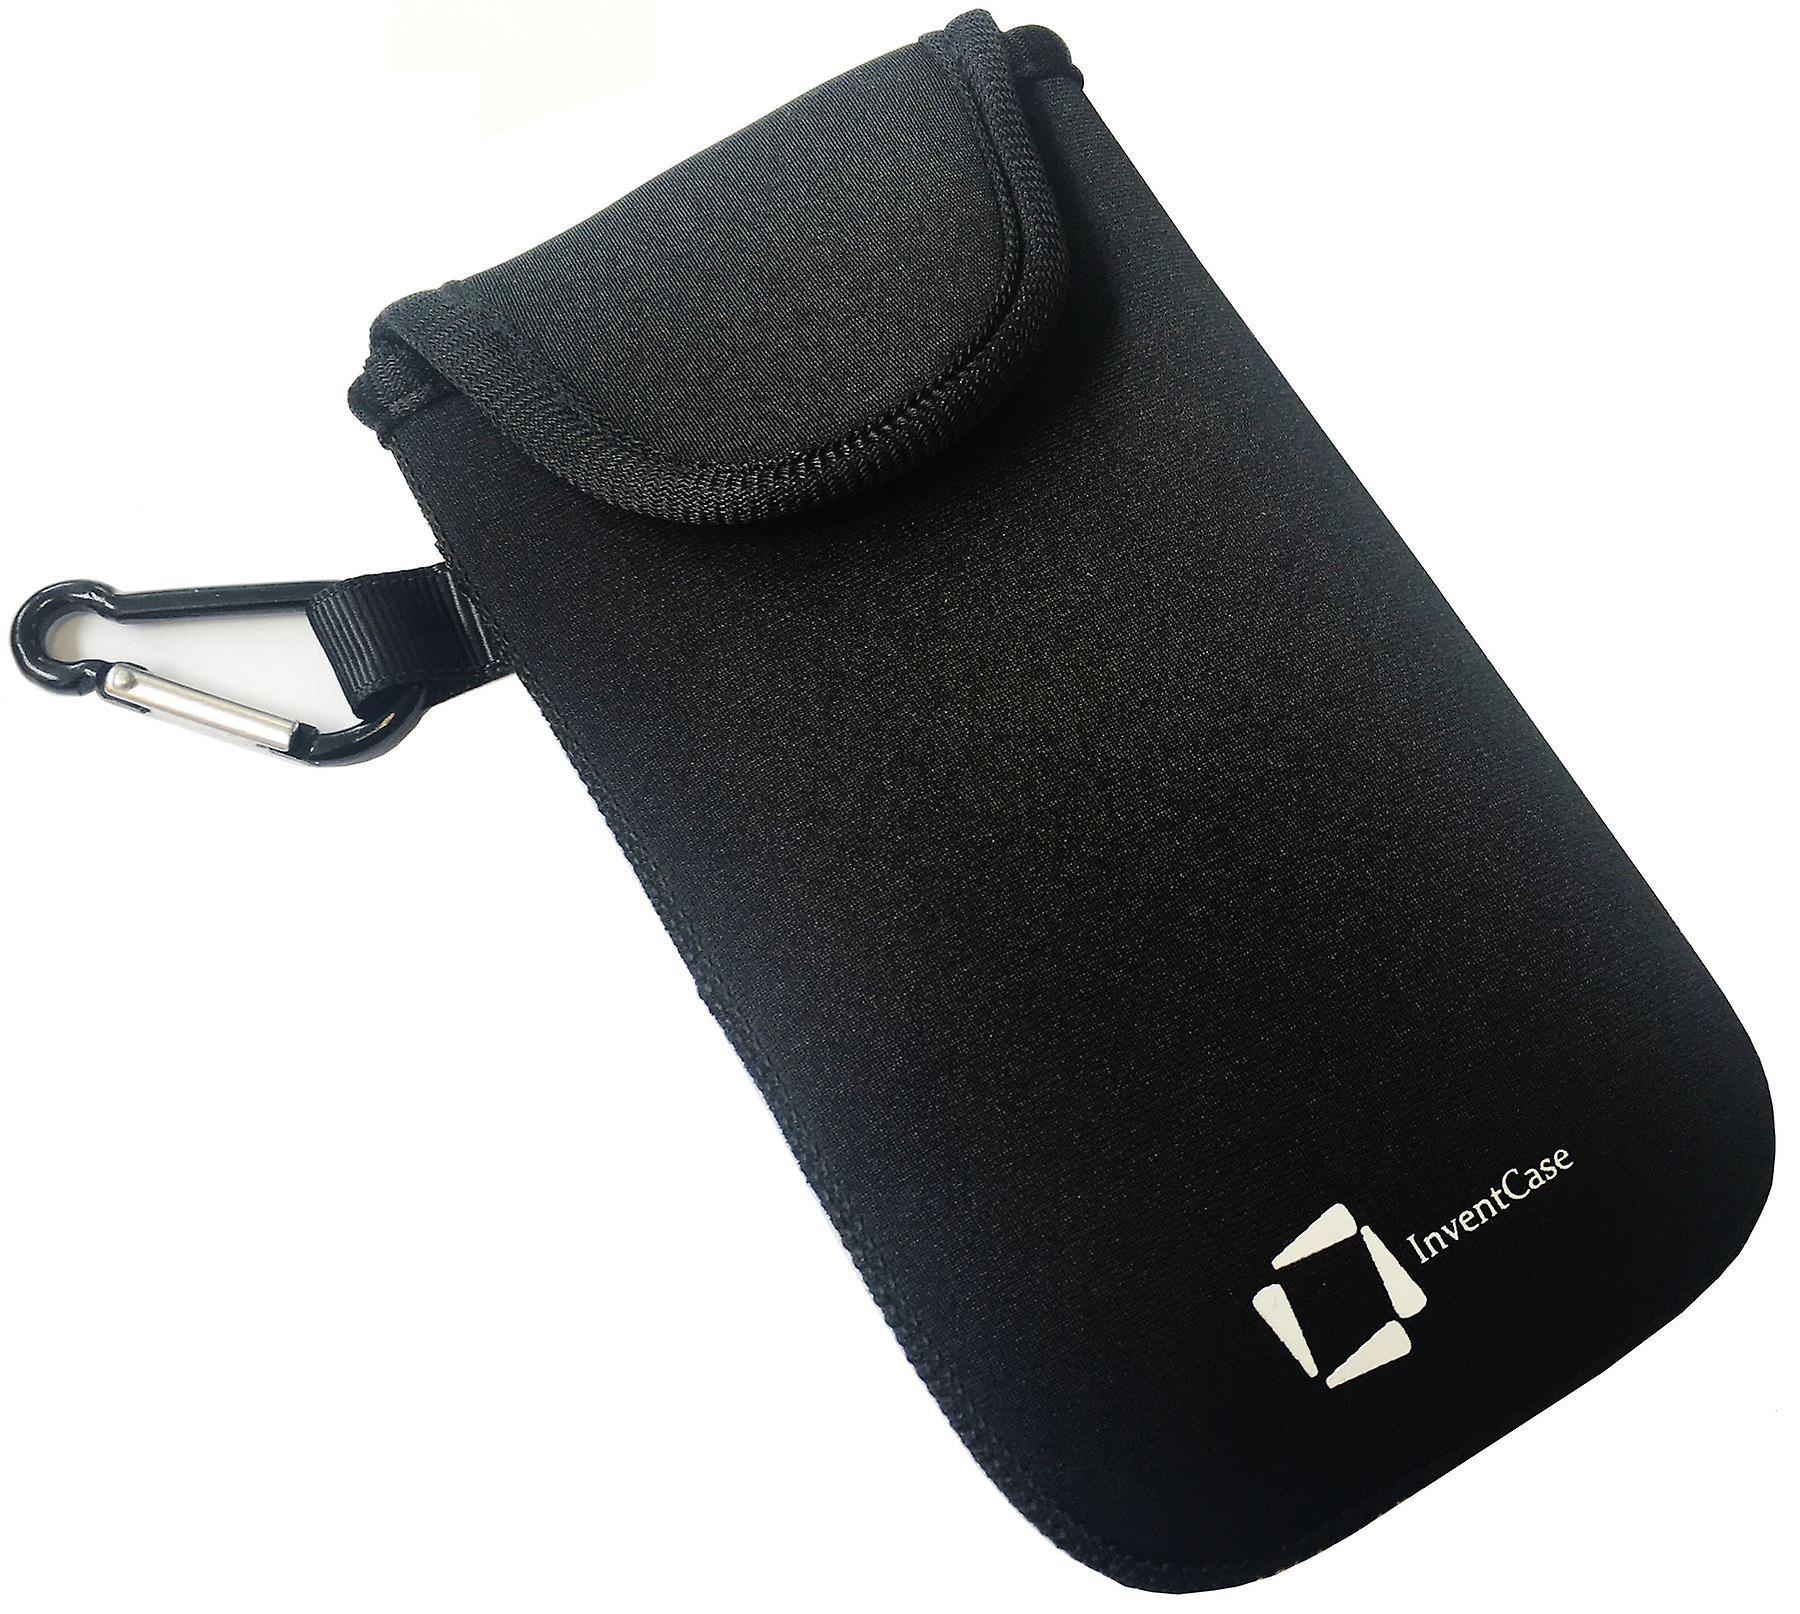 كيس تغطية القضية الحقيبة واقية مقاومة لتأثير النيوبرين إينفينتكاسي مع إغلاق Velcro والألمنيوم Carabiner لل جي اوبتيموس الوقود--الأسود